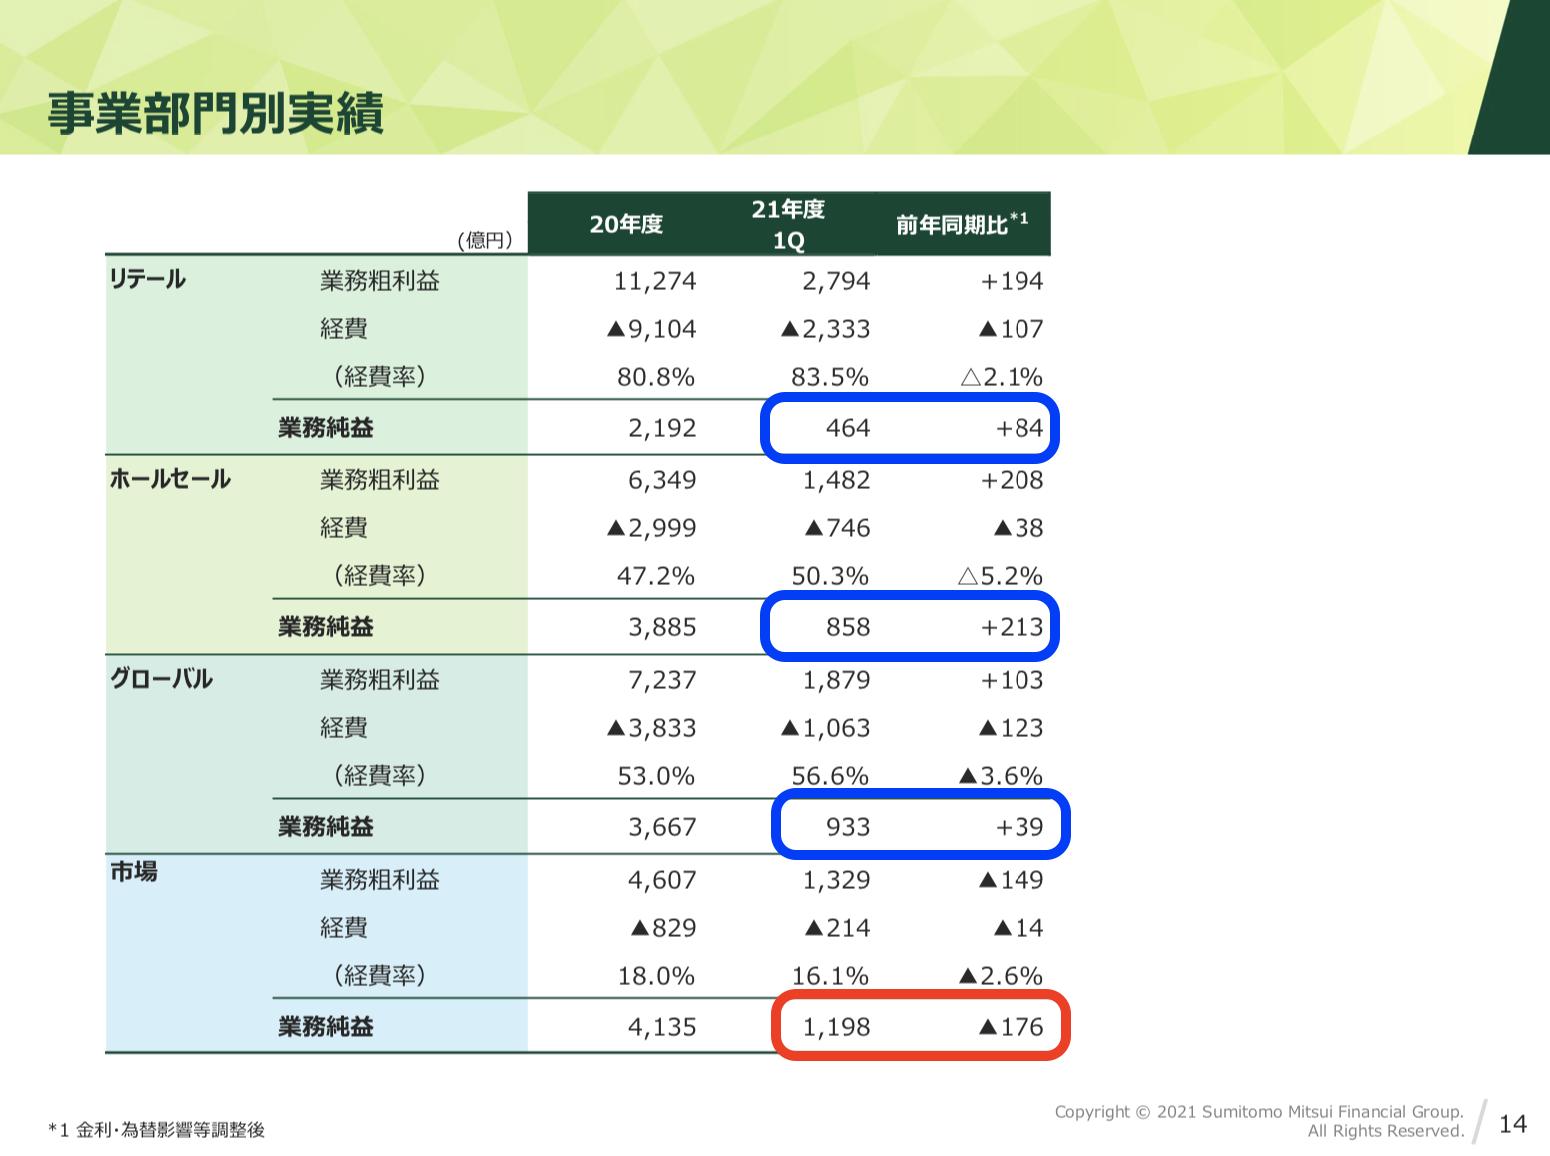 三井住友フィナンシャルグループ 2021年度1Q決算を徹底解説! さとり世代の株日記 資産運用 株 投資 資産形成